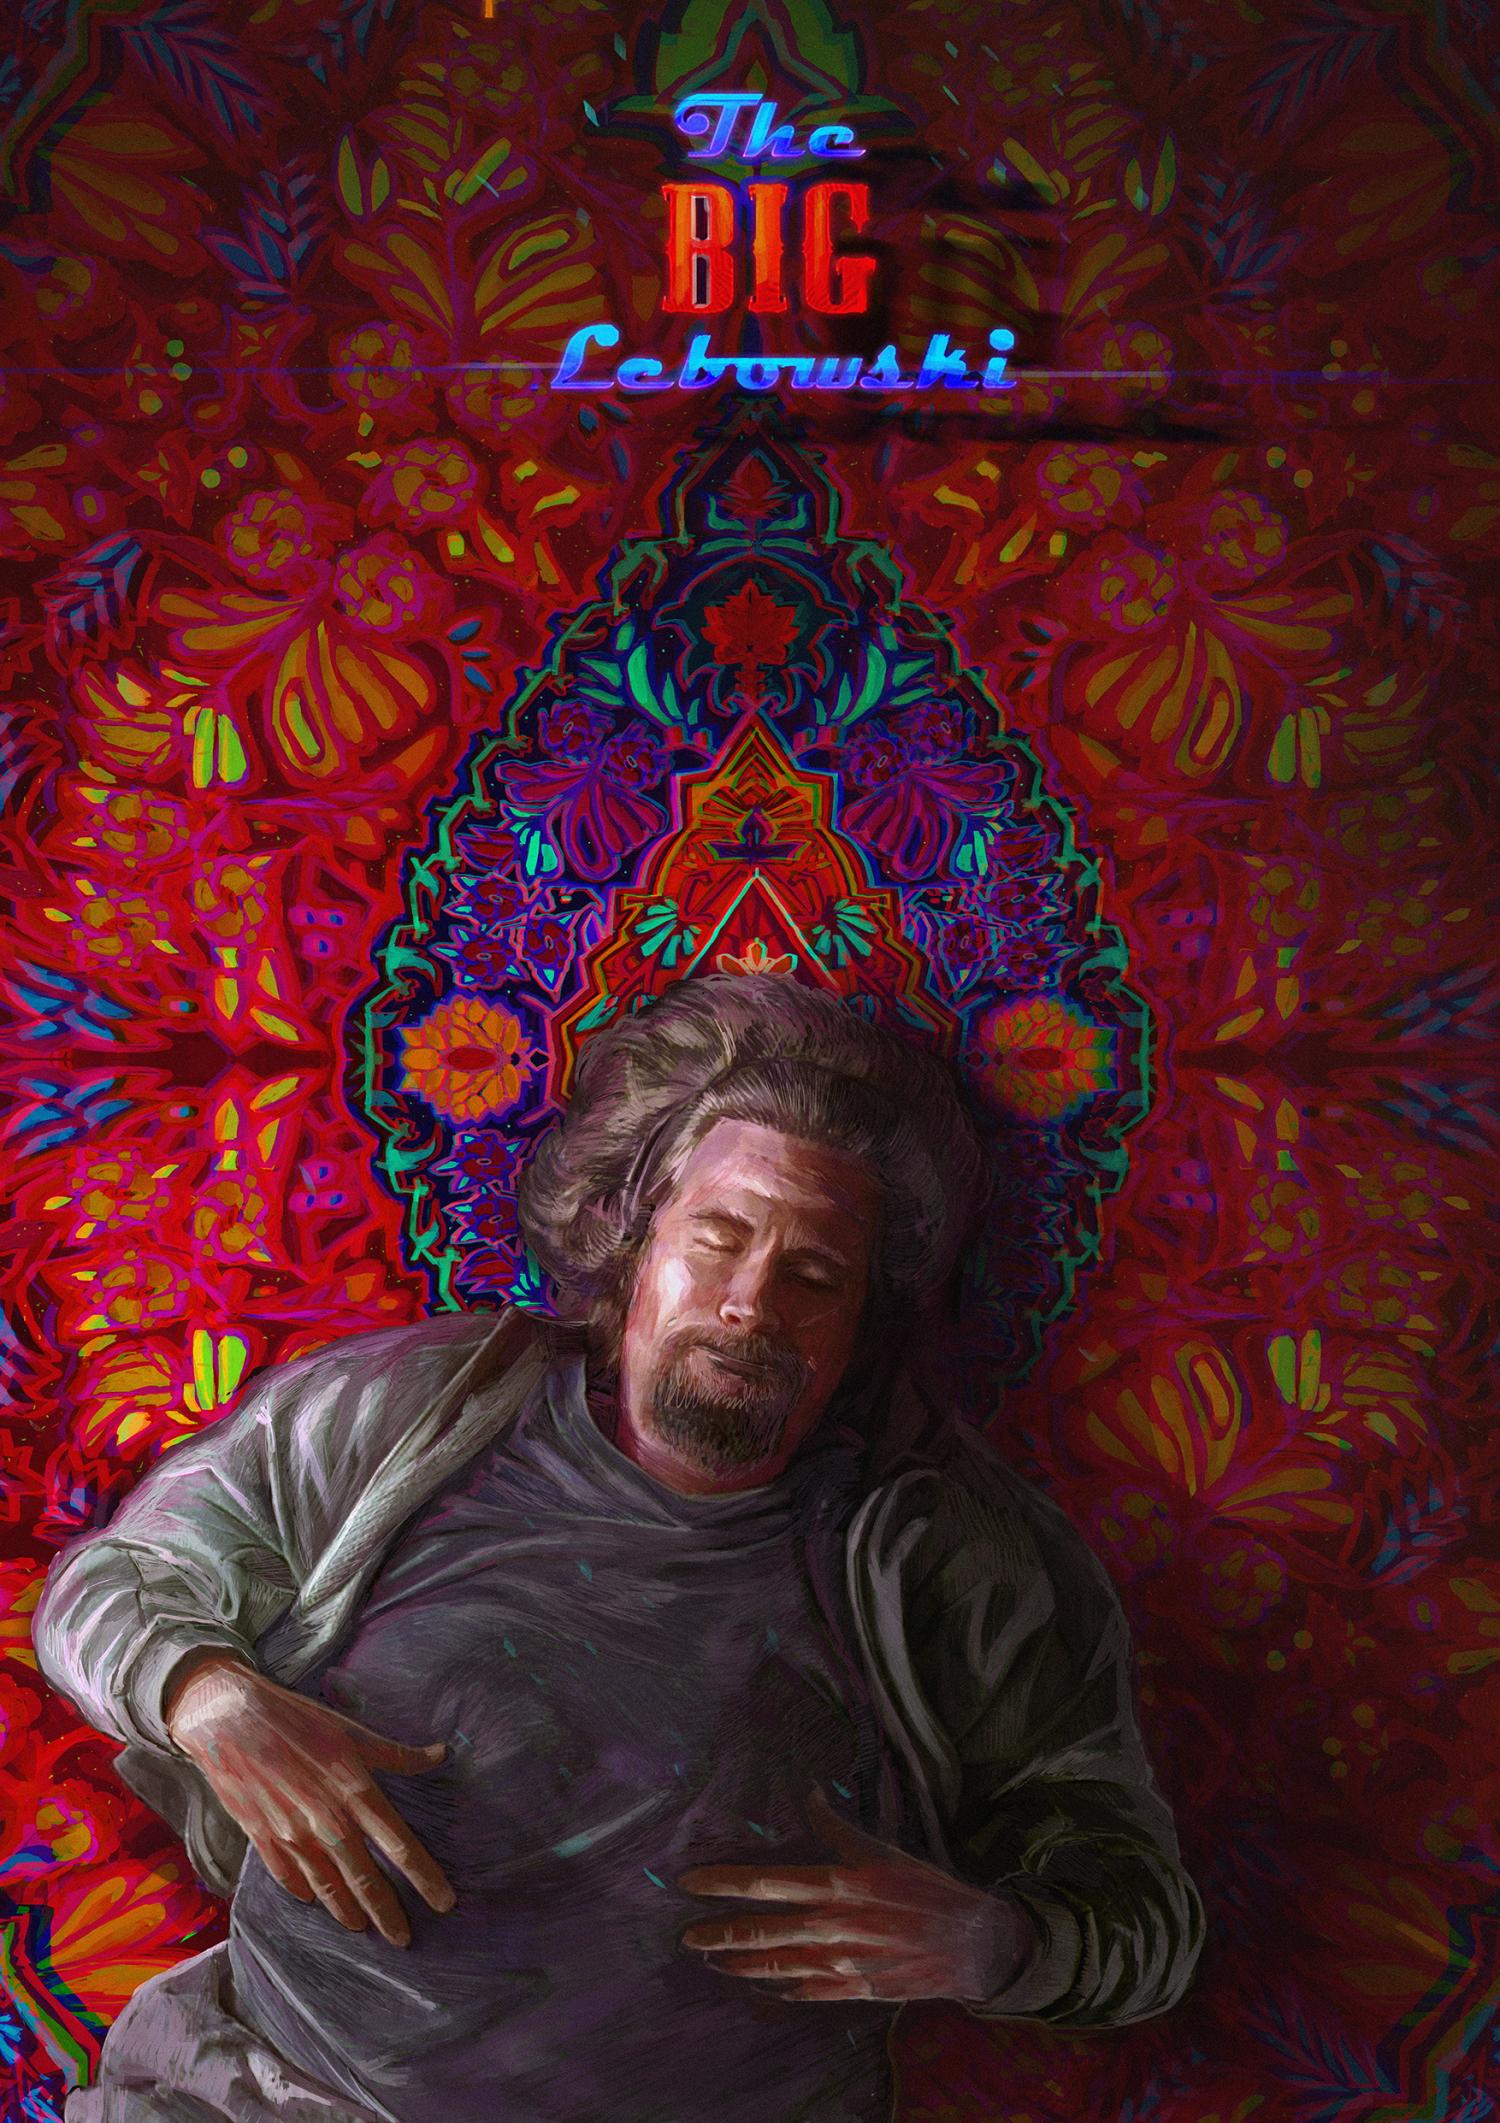 The Big Lebowski (1998) [1500 2123] by Ksenia Lanina in